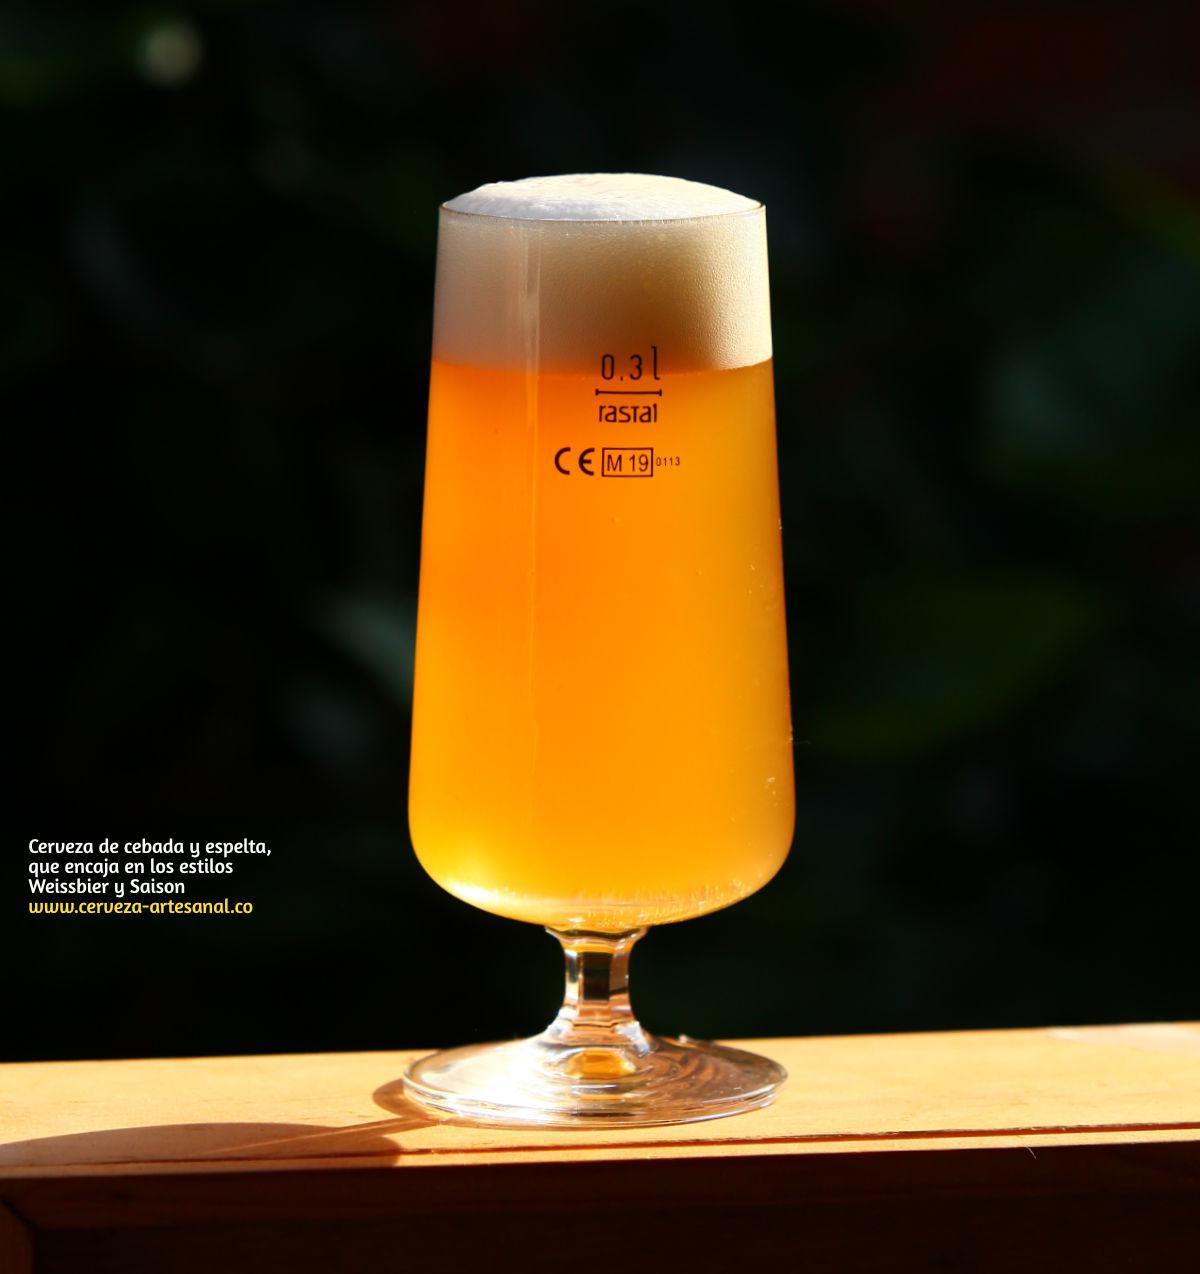 ¿Weissbier o Saison? Estrategias para inscribir cervezas en concursos